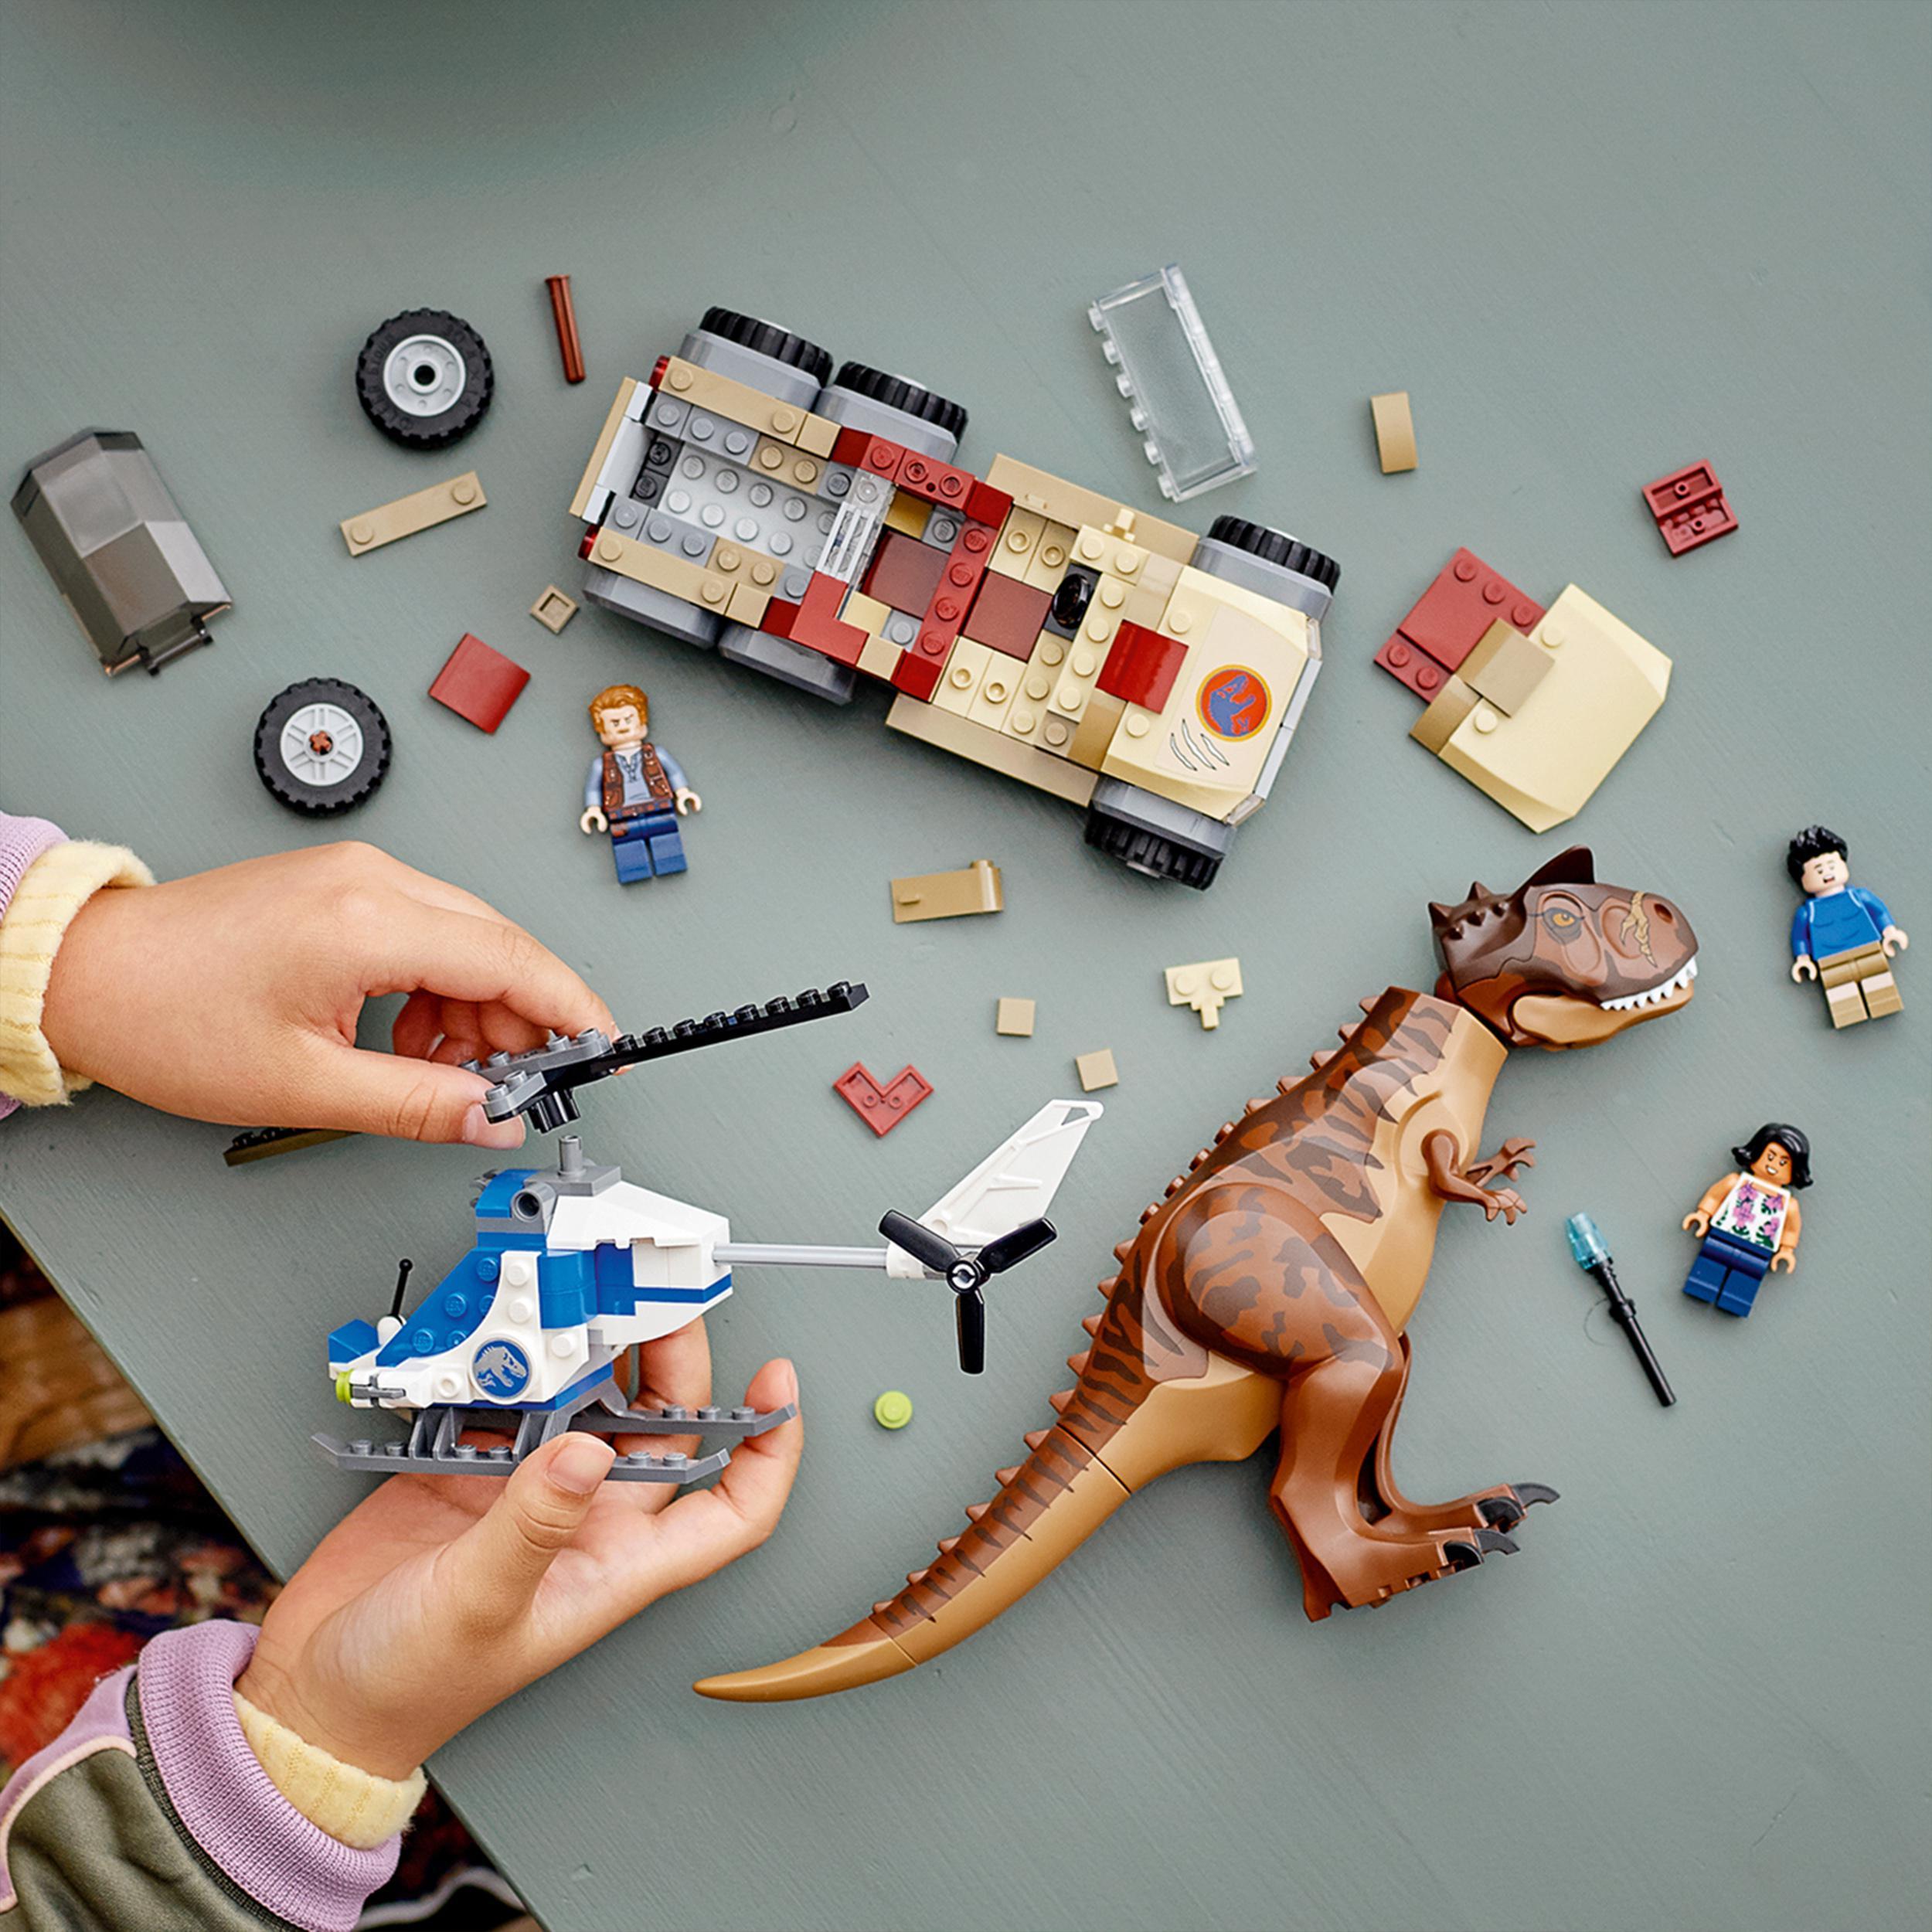 Lego jurassic world l'inseguimento del dinosauro carnotaurus con elicottero e camioncino, giocattoli per bambini dai 7 anni in su, 76941 - Lego